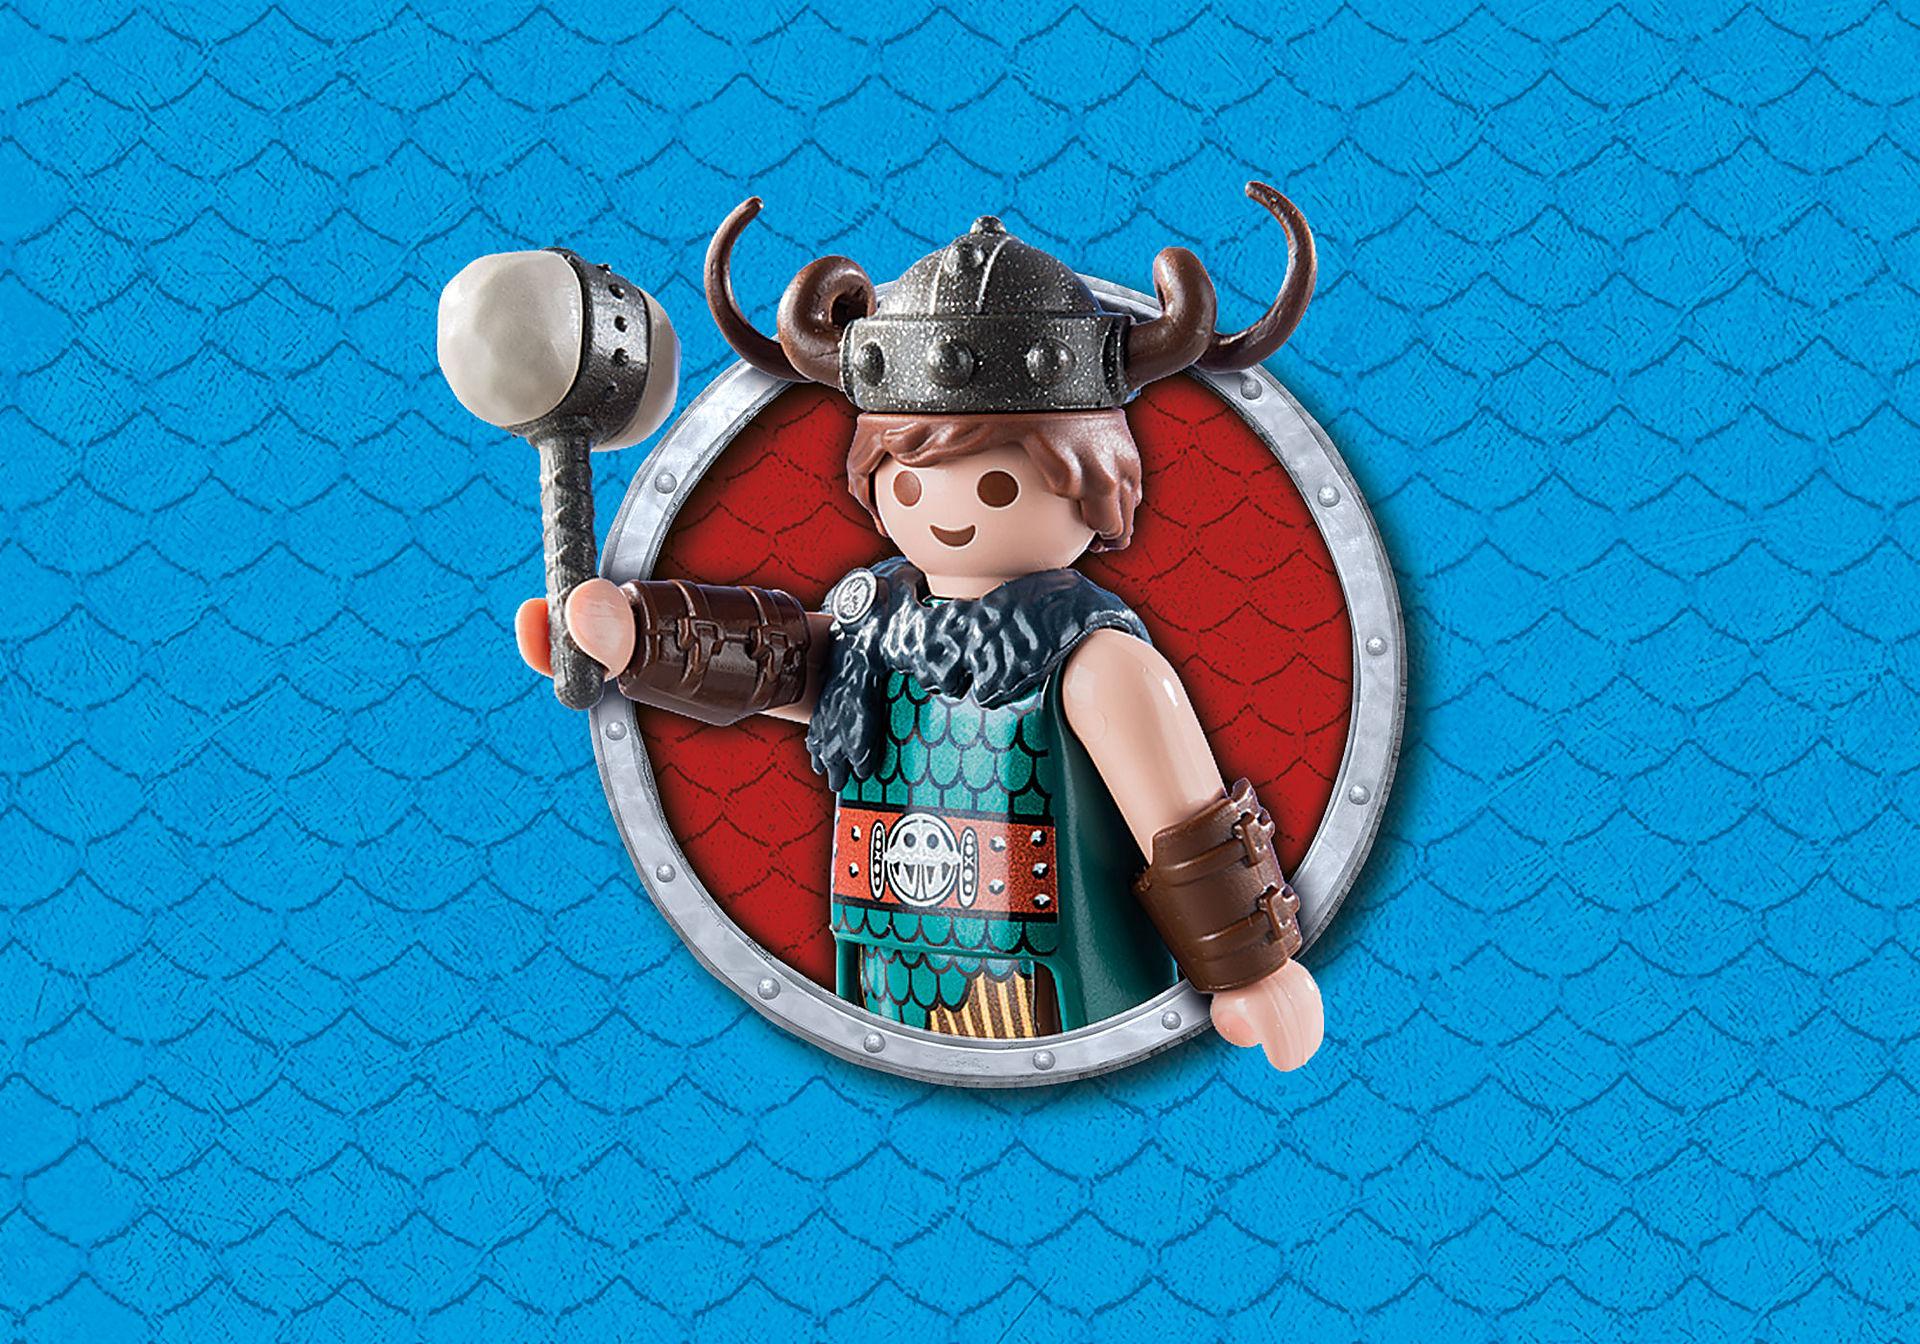 http://media.playmobil.com/i/playmobil/9459_product_extra4/Sączysmark i Hakokieł